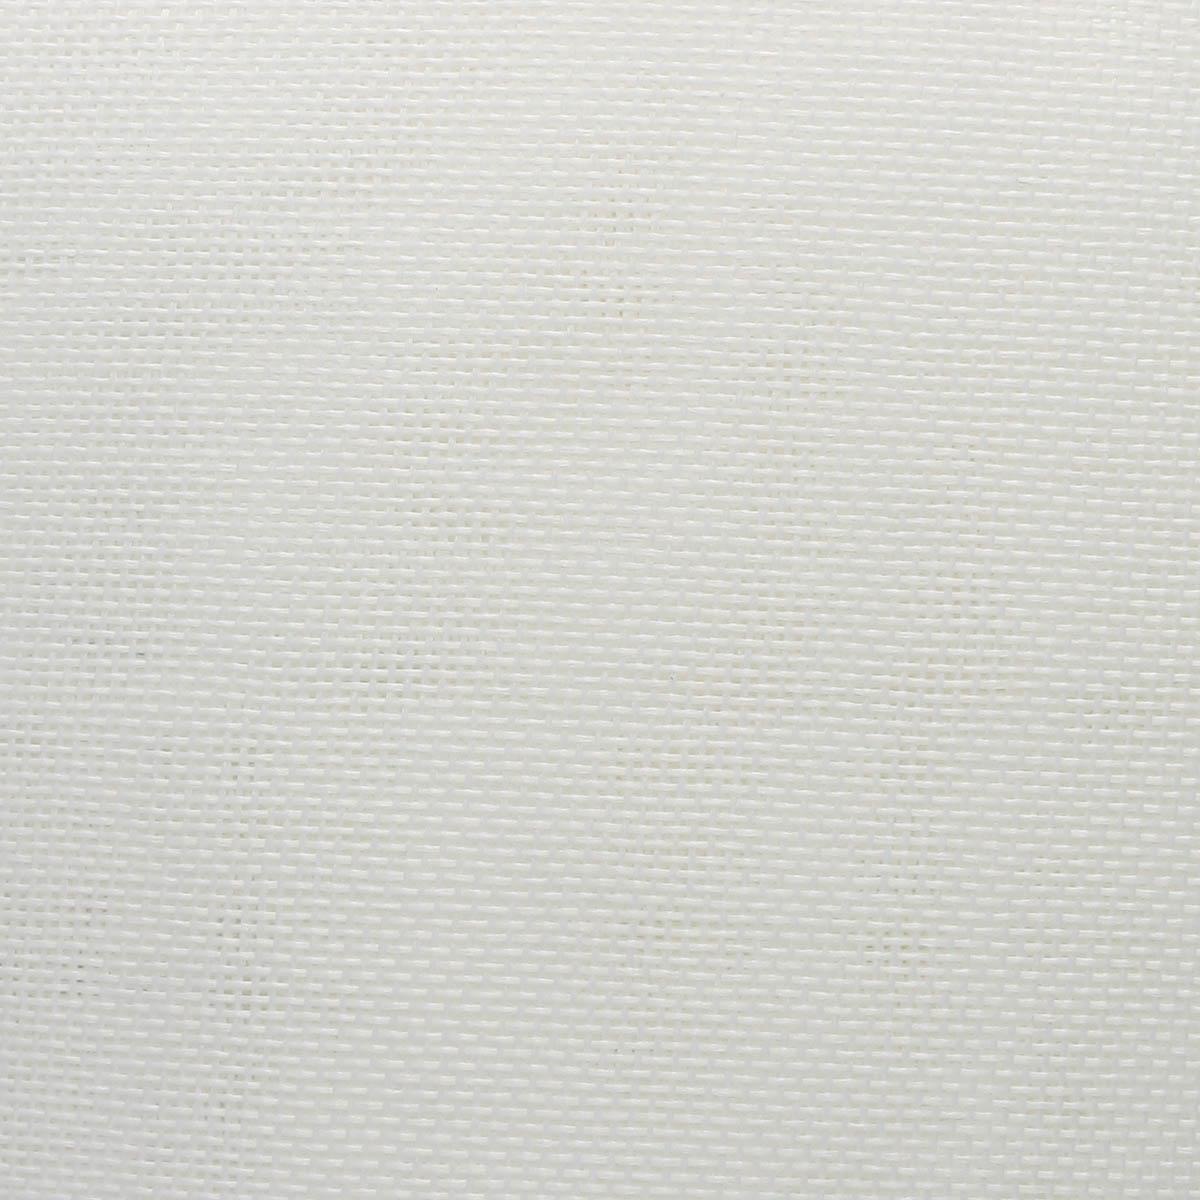 2AR111 Рогожка 100% полиэстер 48*50см (белый)